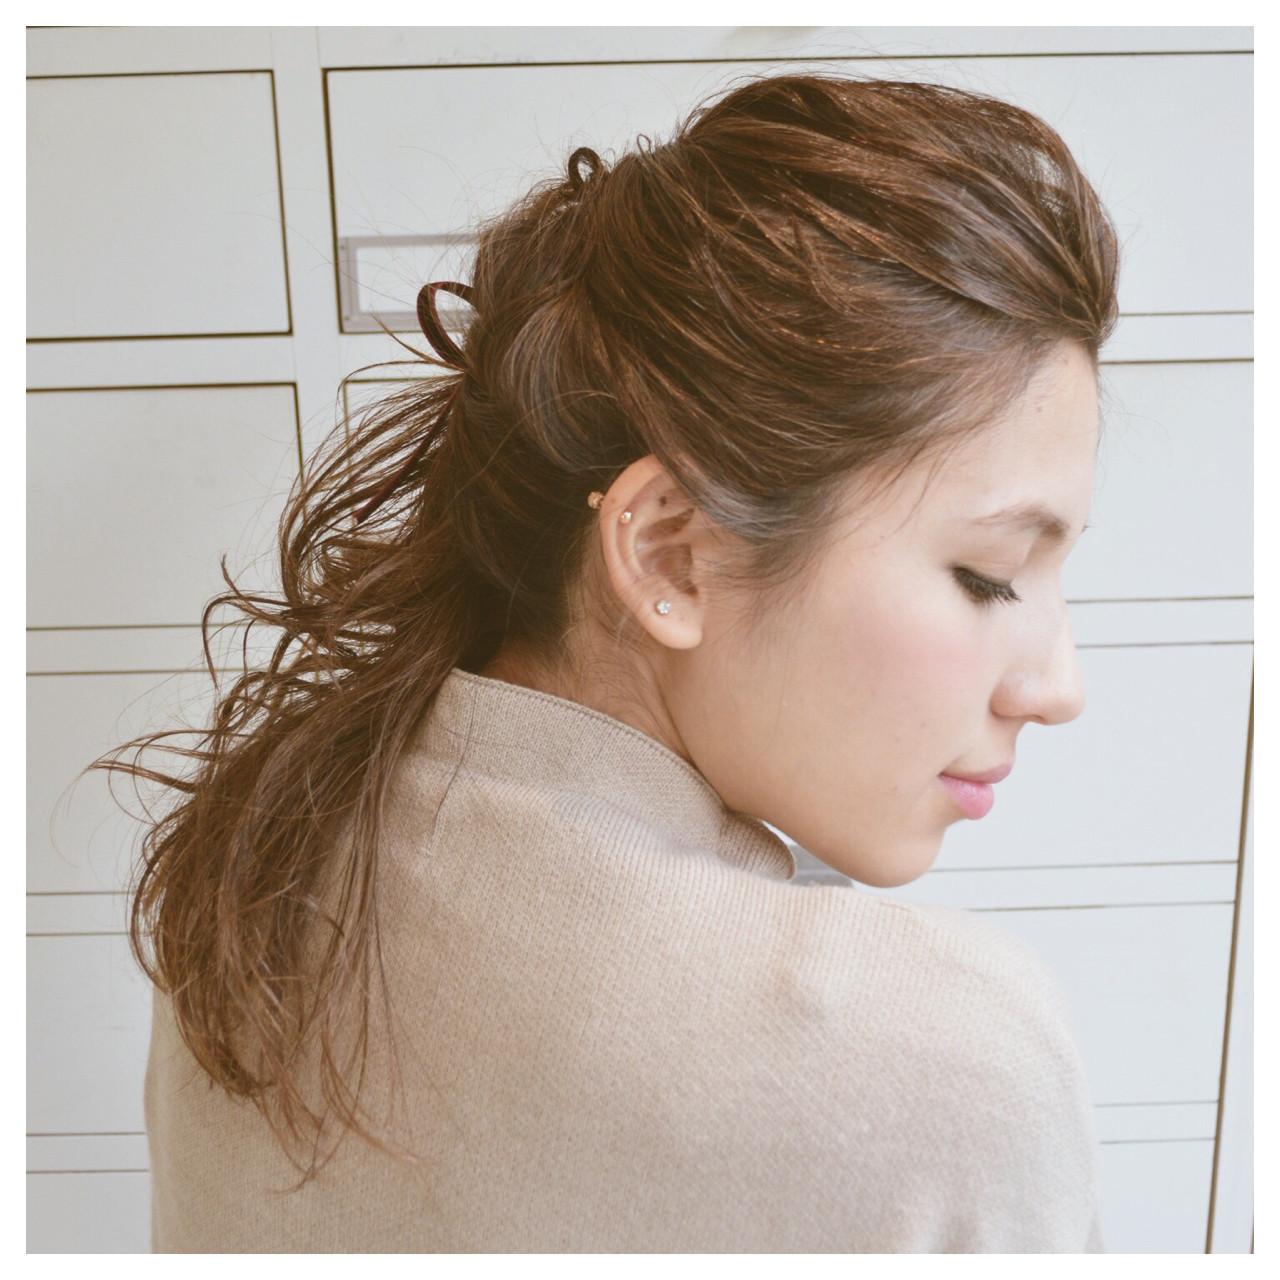 一つ結びで簡単おしゃれヘア!ストレートでも可愛いこなれヘア特集♡の15枚目の画像